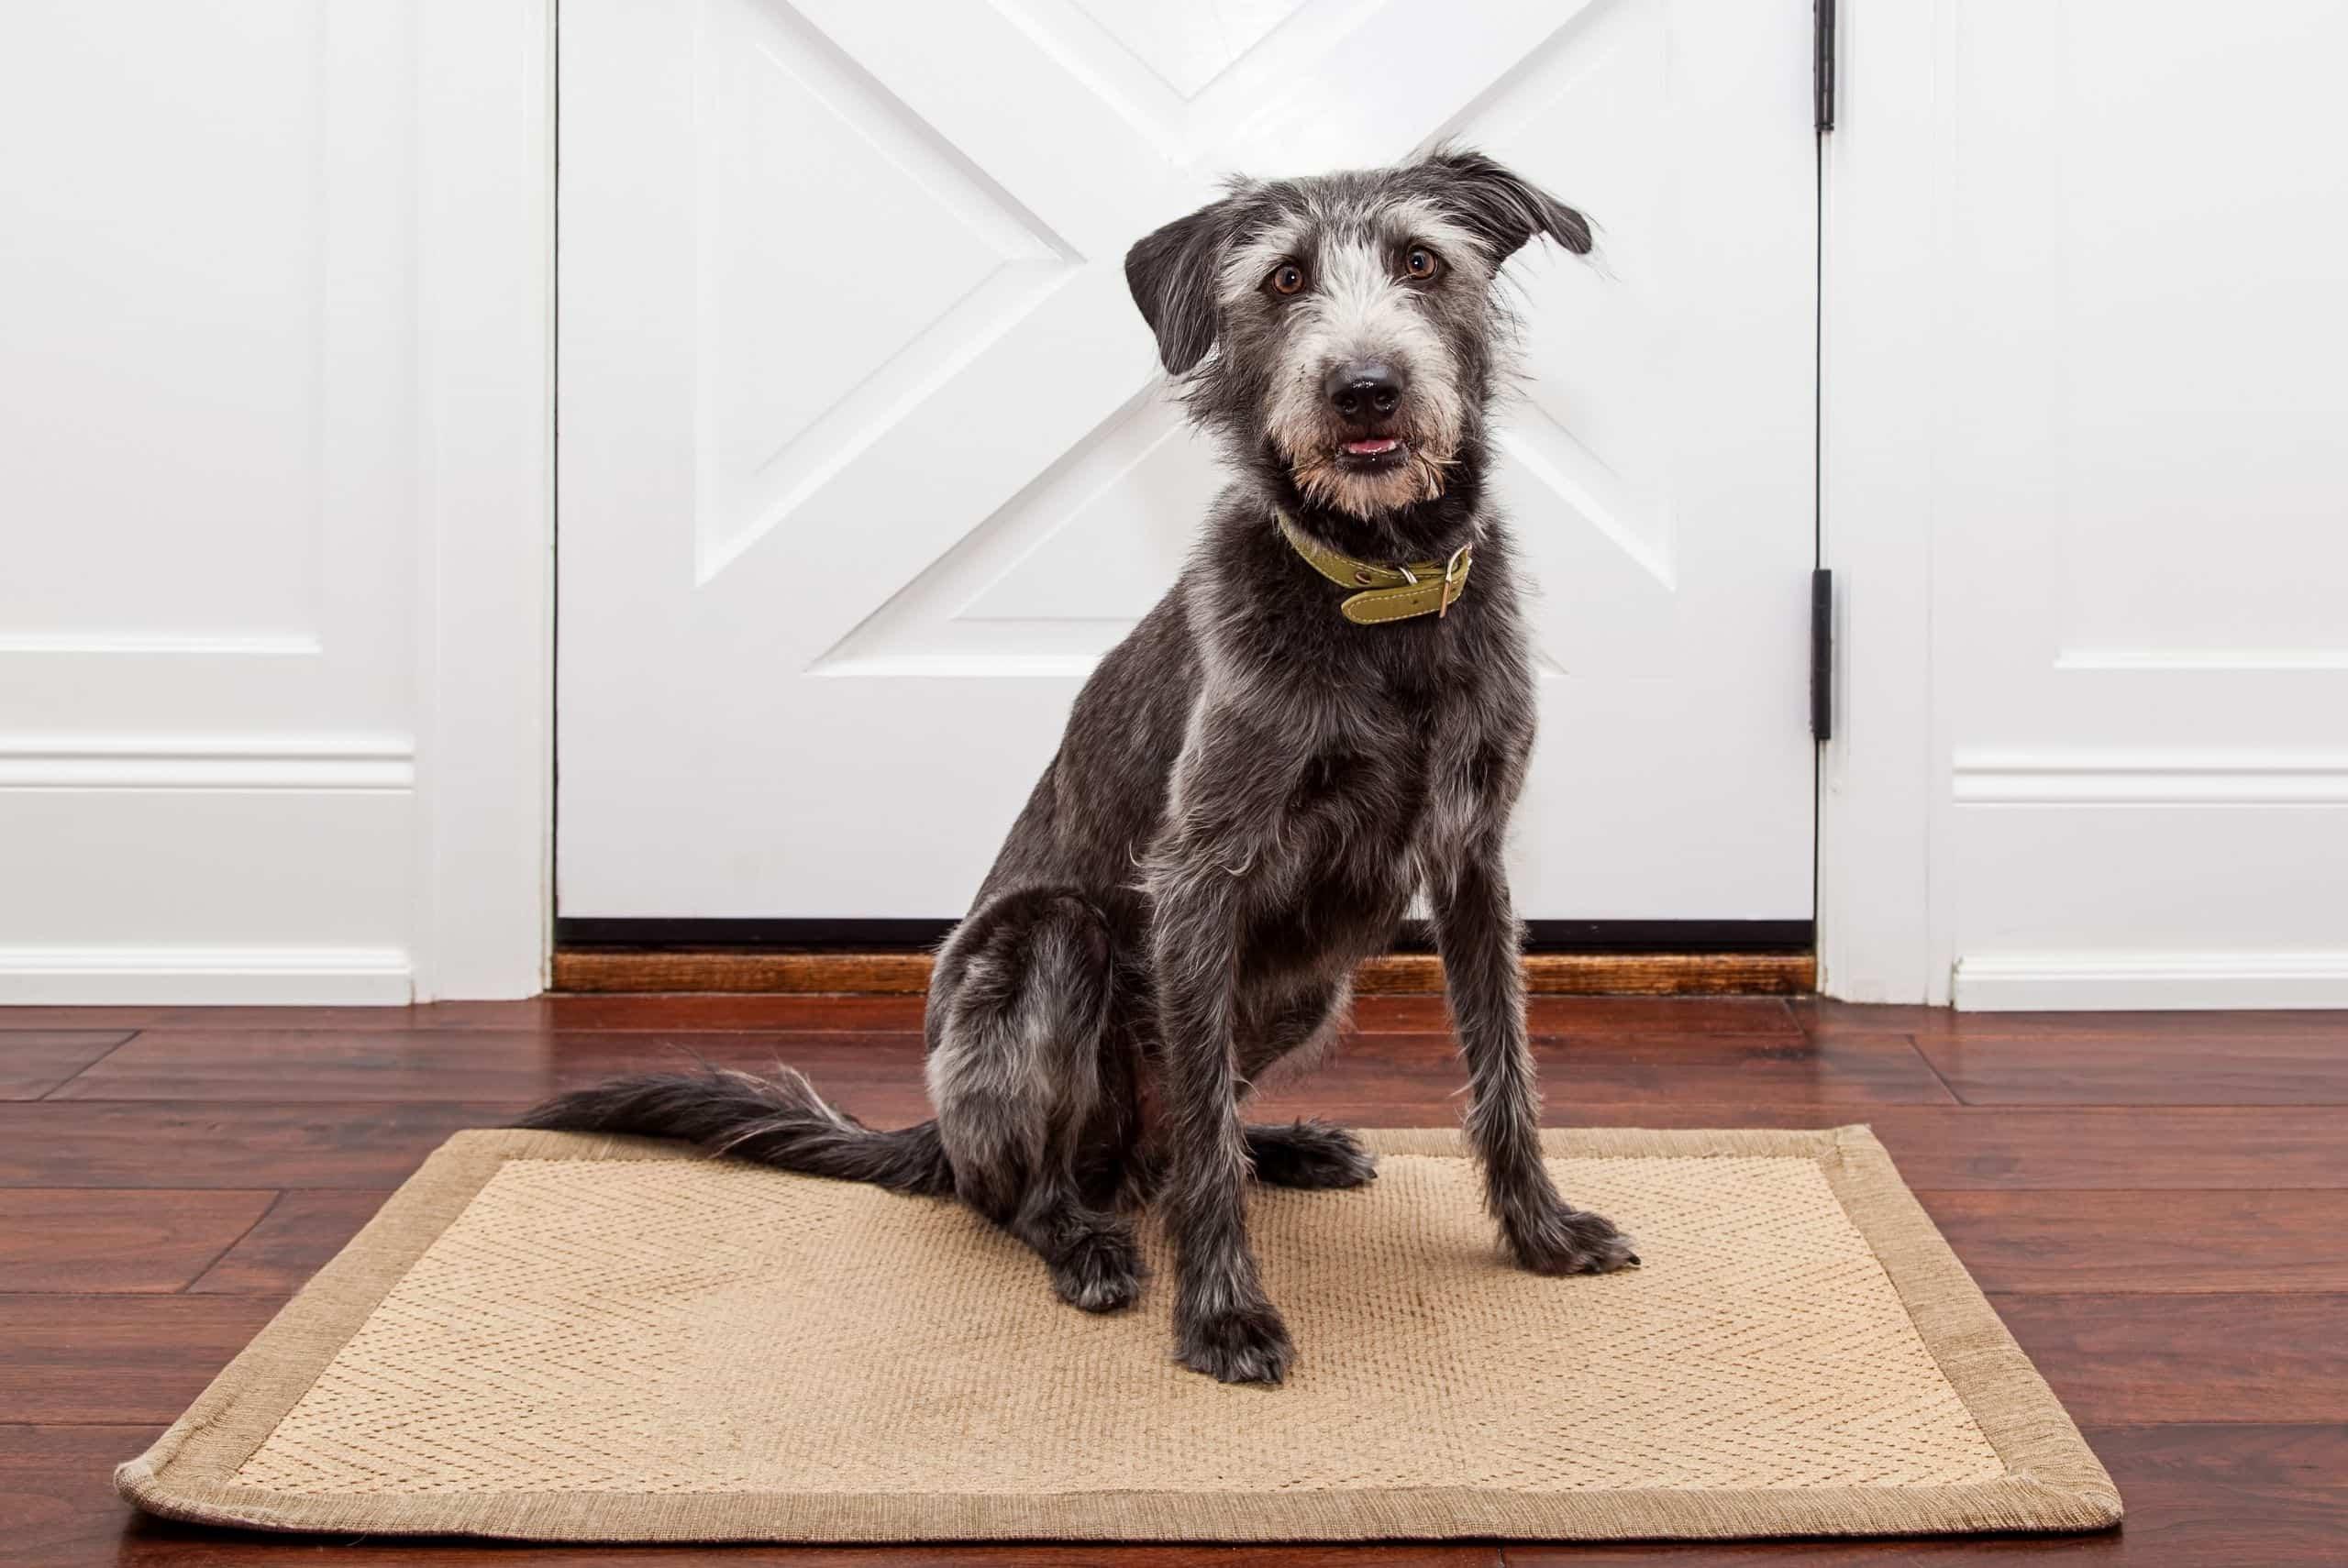 prevent-dog-darting